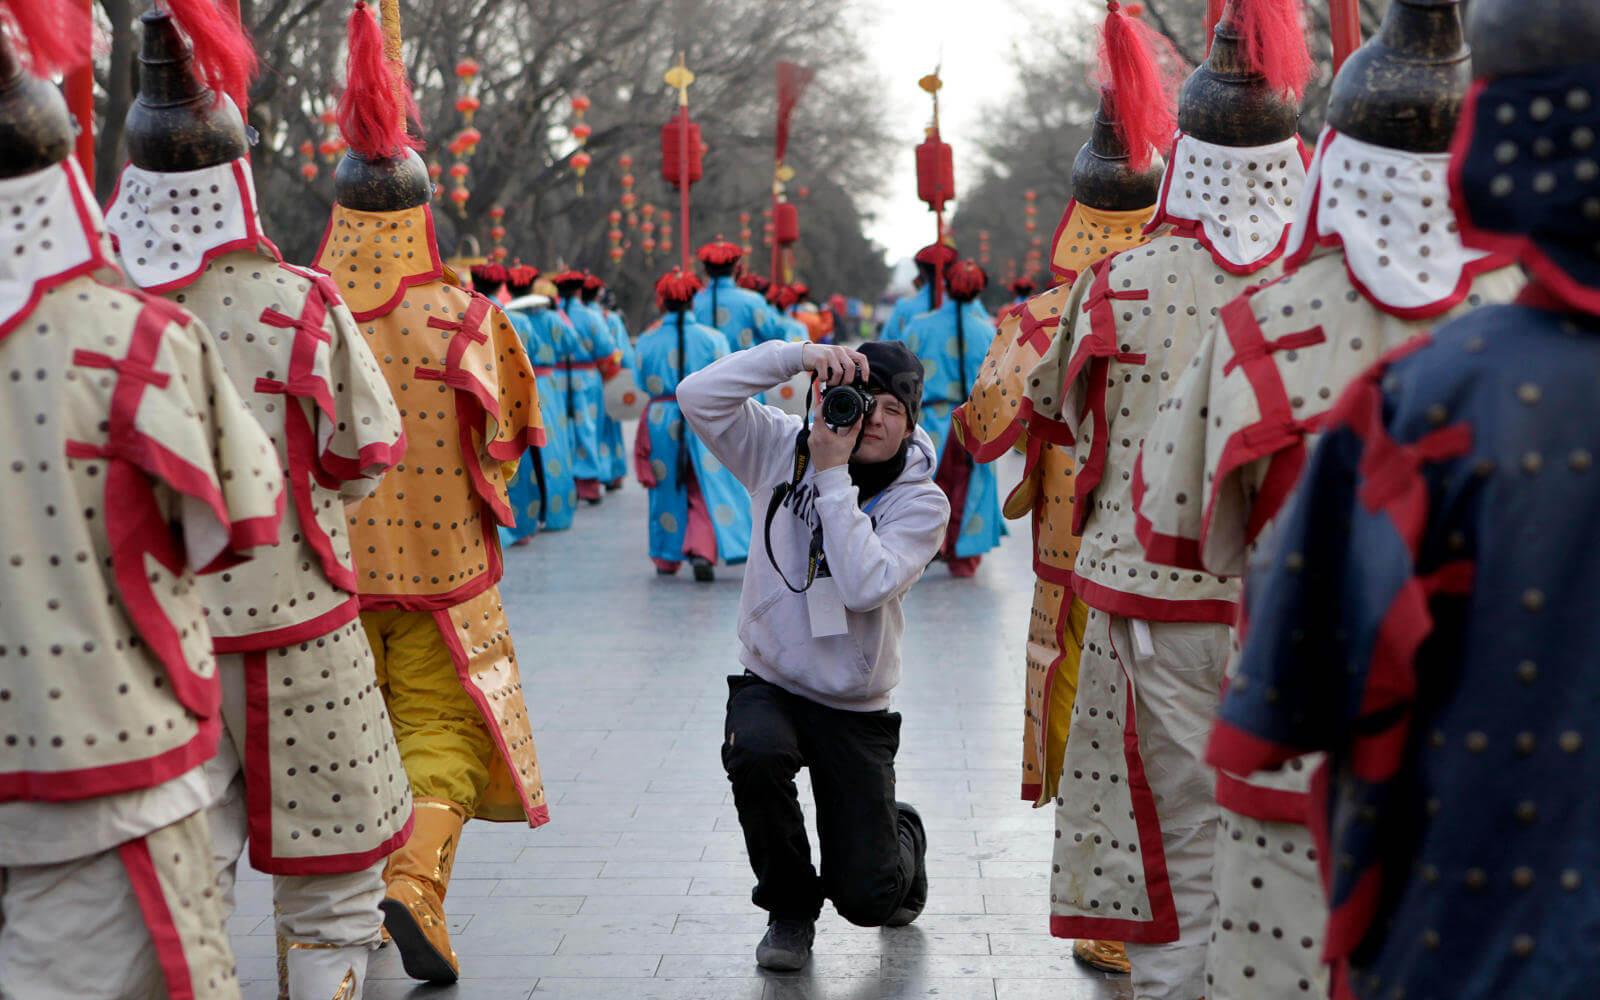 Reiseblog: Phillip in China